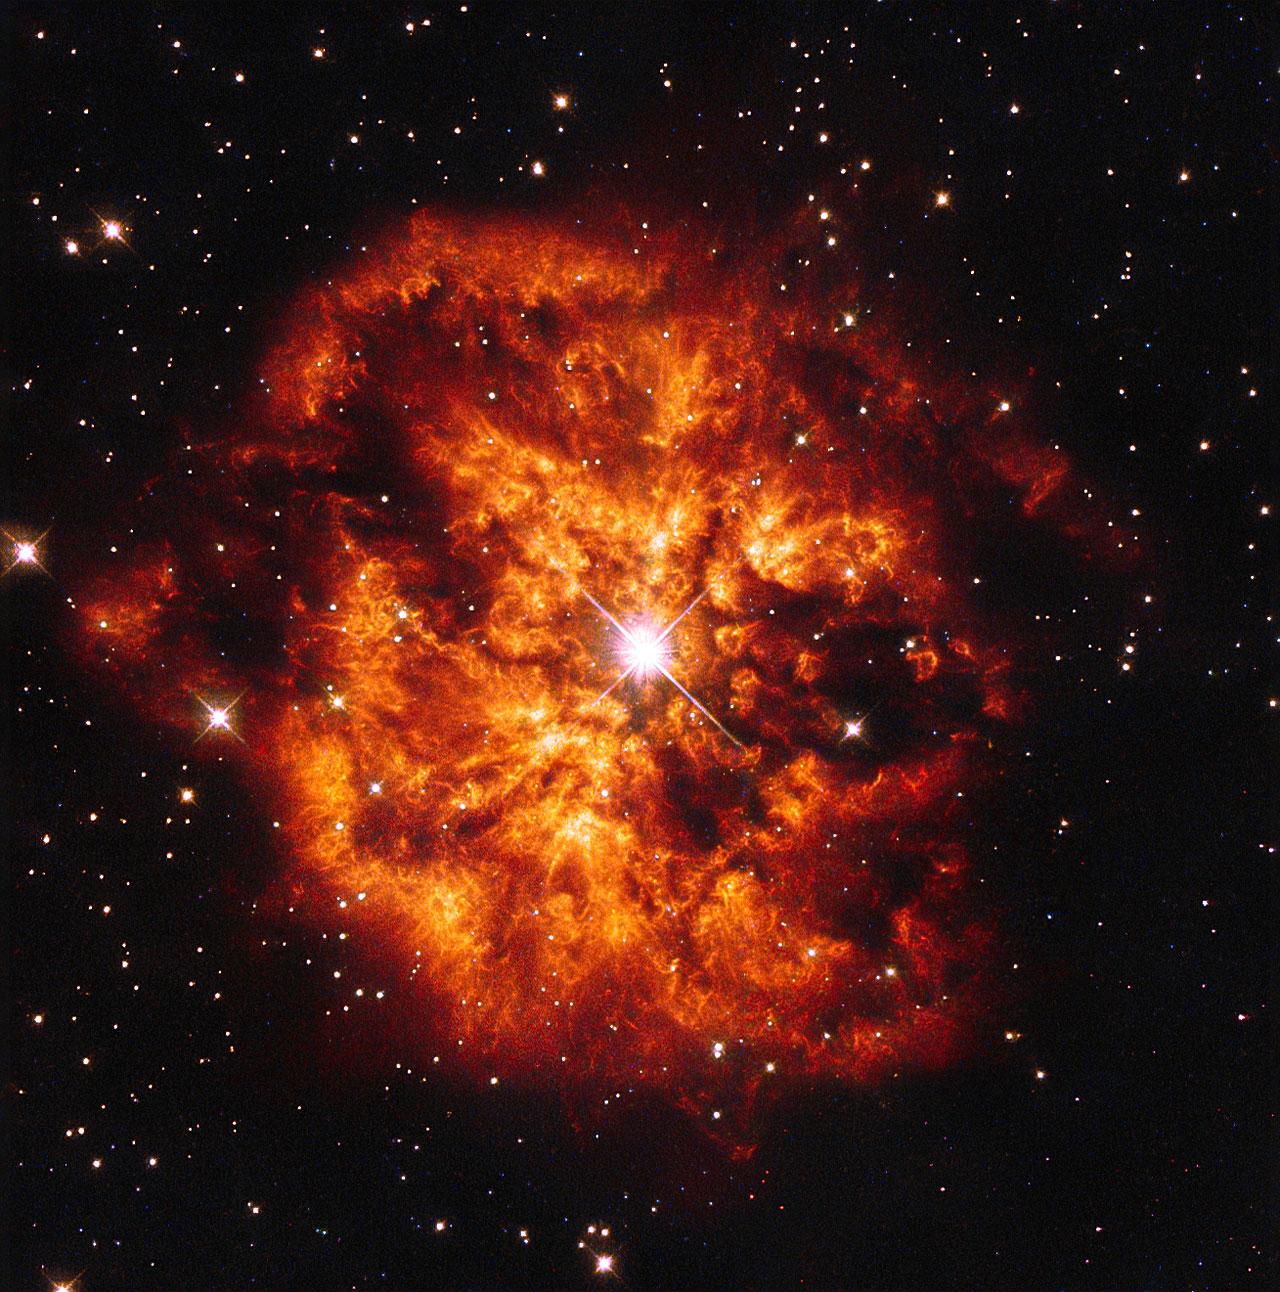 Wolf-Rayet star - Wikipedia